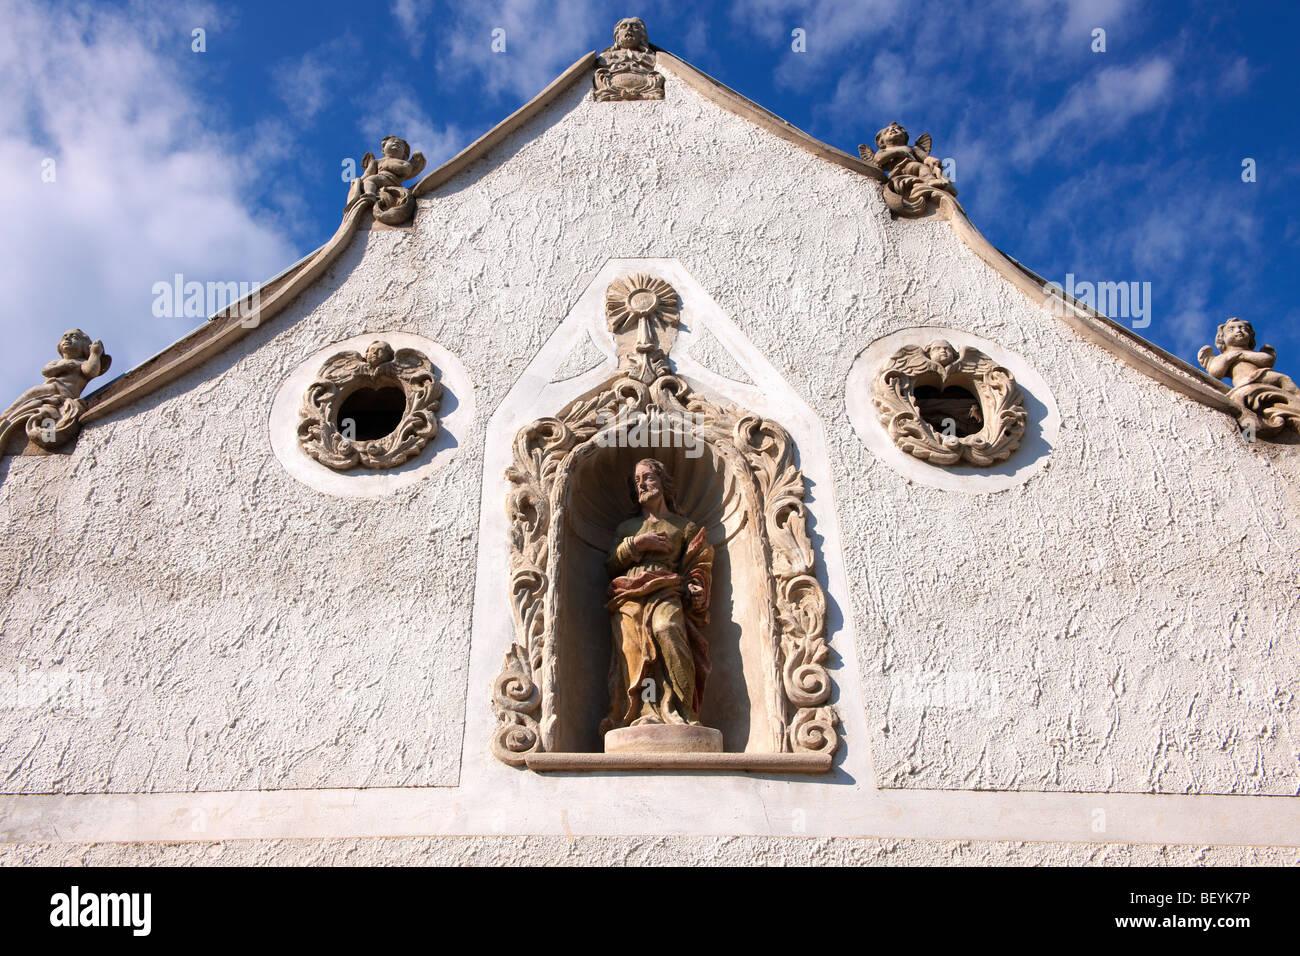 Les deux statues de Maures maison (K t m r h z). L'architecture baroque rustique - Sopron, Hongrie Photo Stock